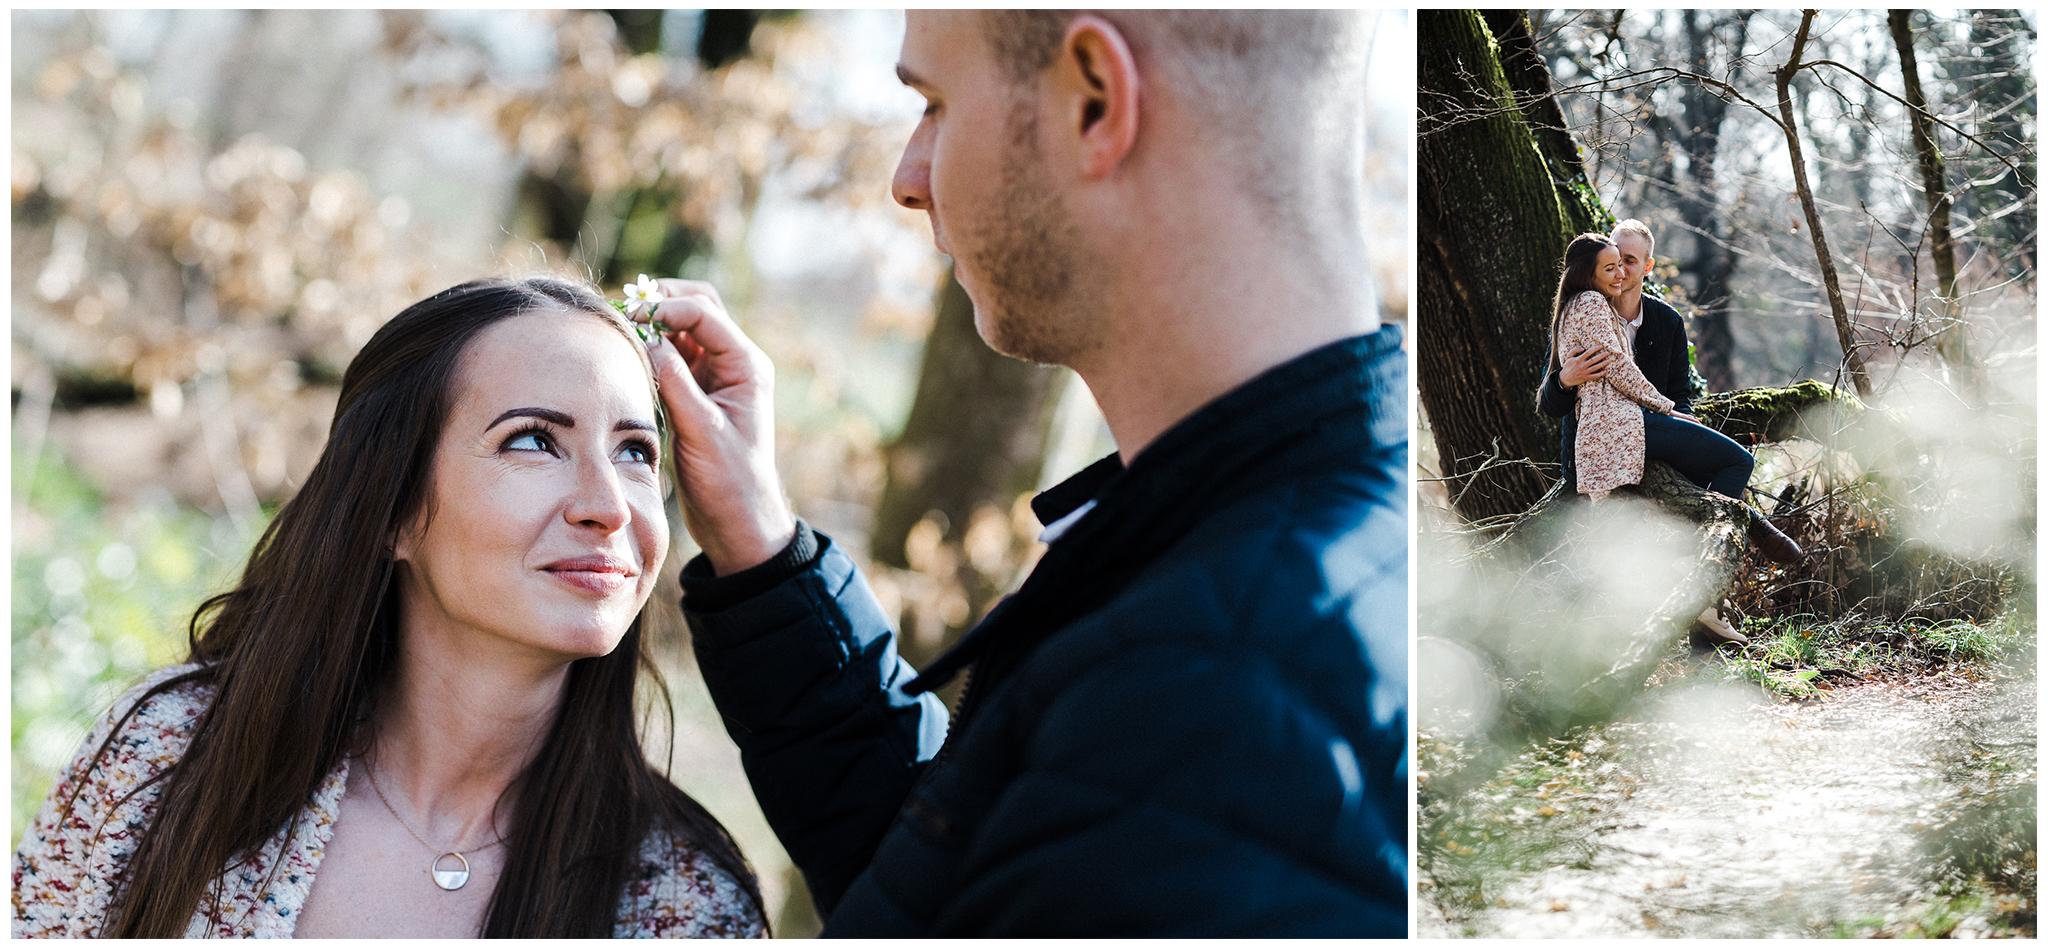 MONT_FylepPhoto, Esküvőfotós Vasmegye, Esküvő fotózás, Esküvői fotós, Körmend, Vas megye, Dunántúl, Budapest, Fülöp Péter, Jegyes fotózás, jegyesfotó_Réka&Peti,2018_006.jpg